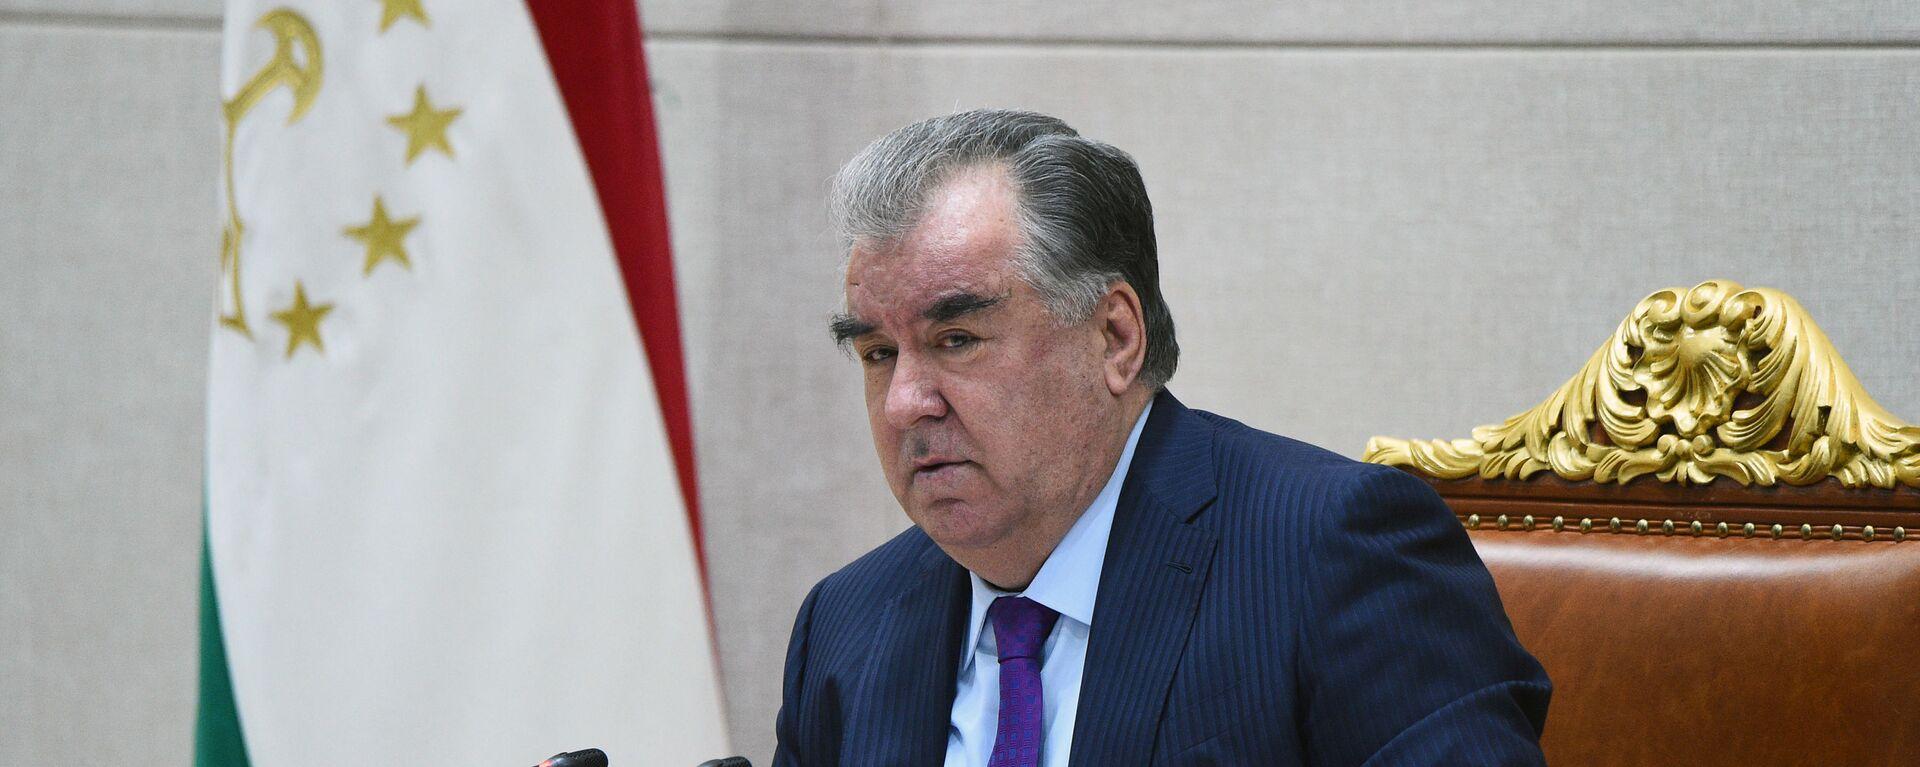 Президент Таджикистана Эмомали Рахмон - Sputnik Таджикистан, 1920, 31.03.2021